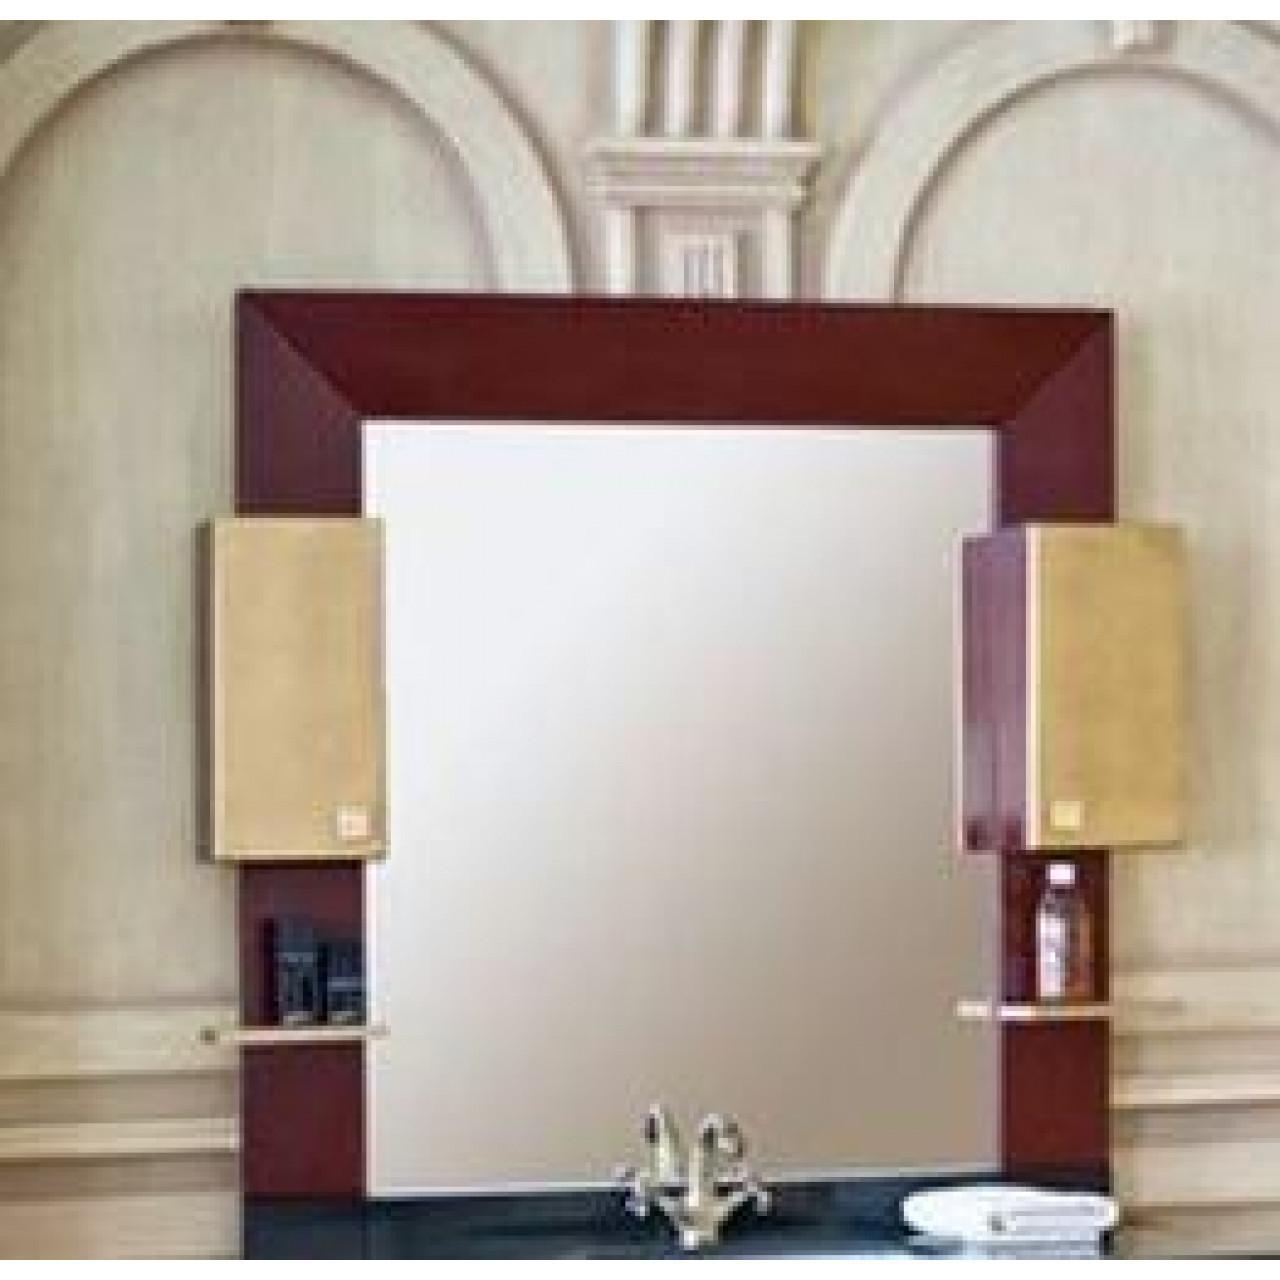 Зеркало-шкаф Аллигатор Квадро B 120 купить в Москве по цене от 22900р. в интернет-магазине mebel-v-vannu.ru